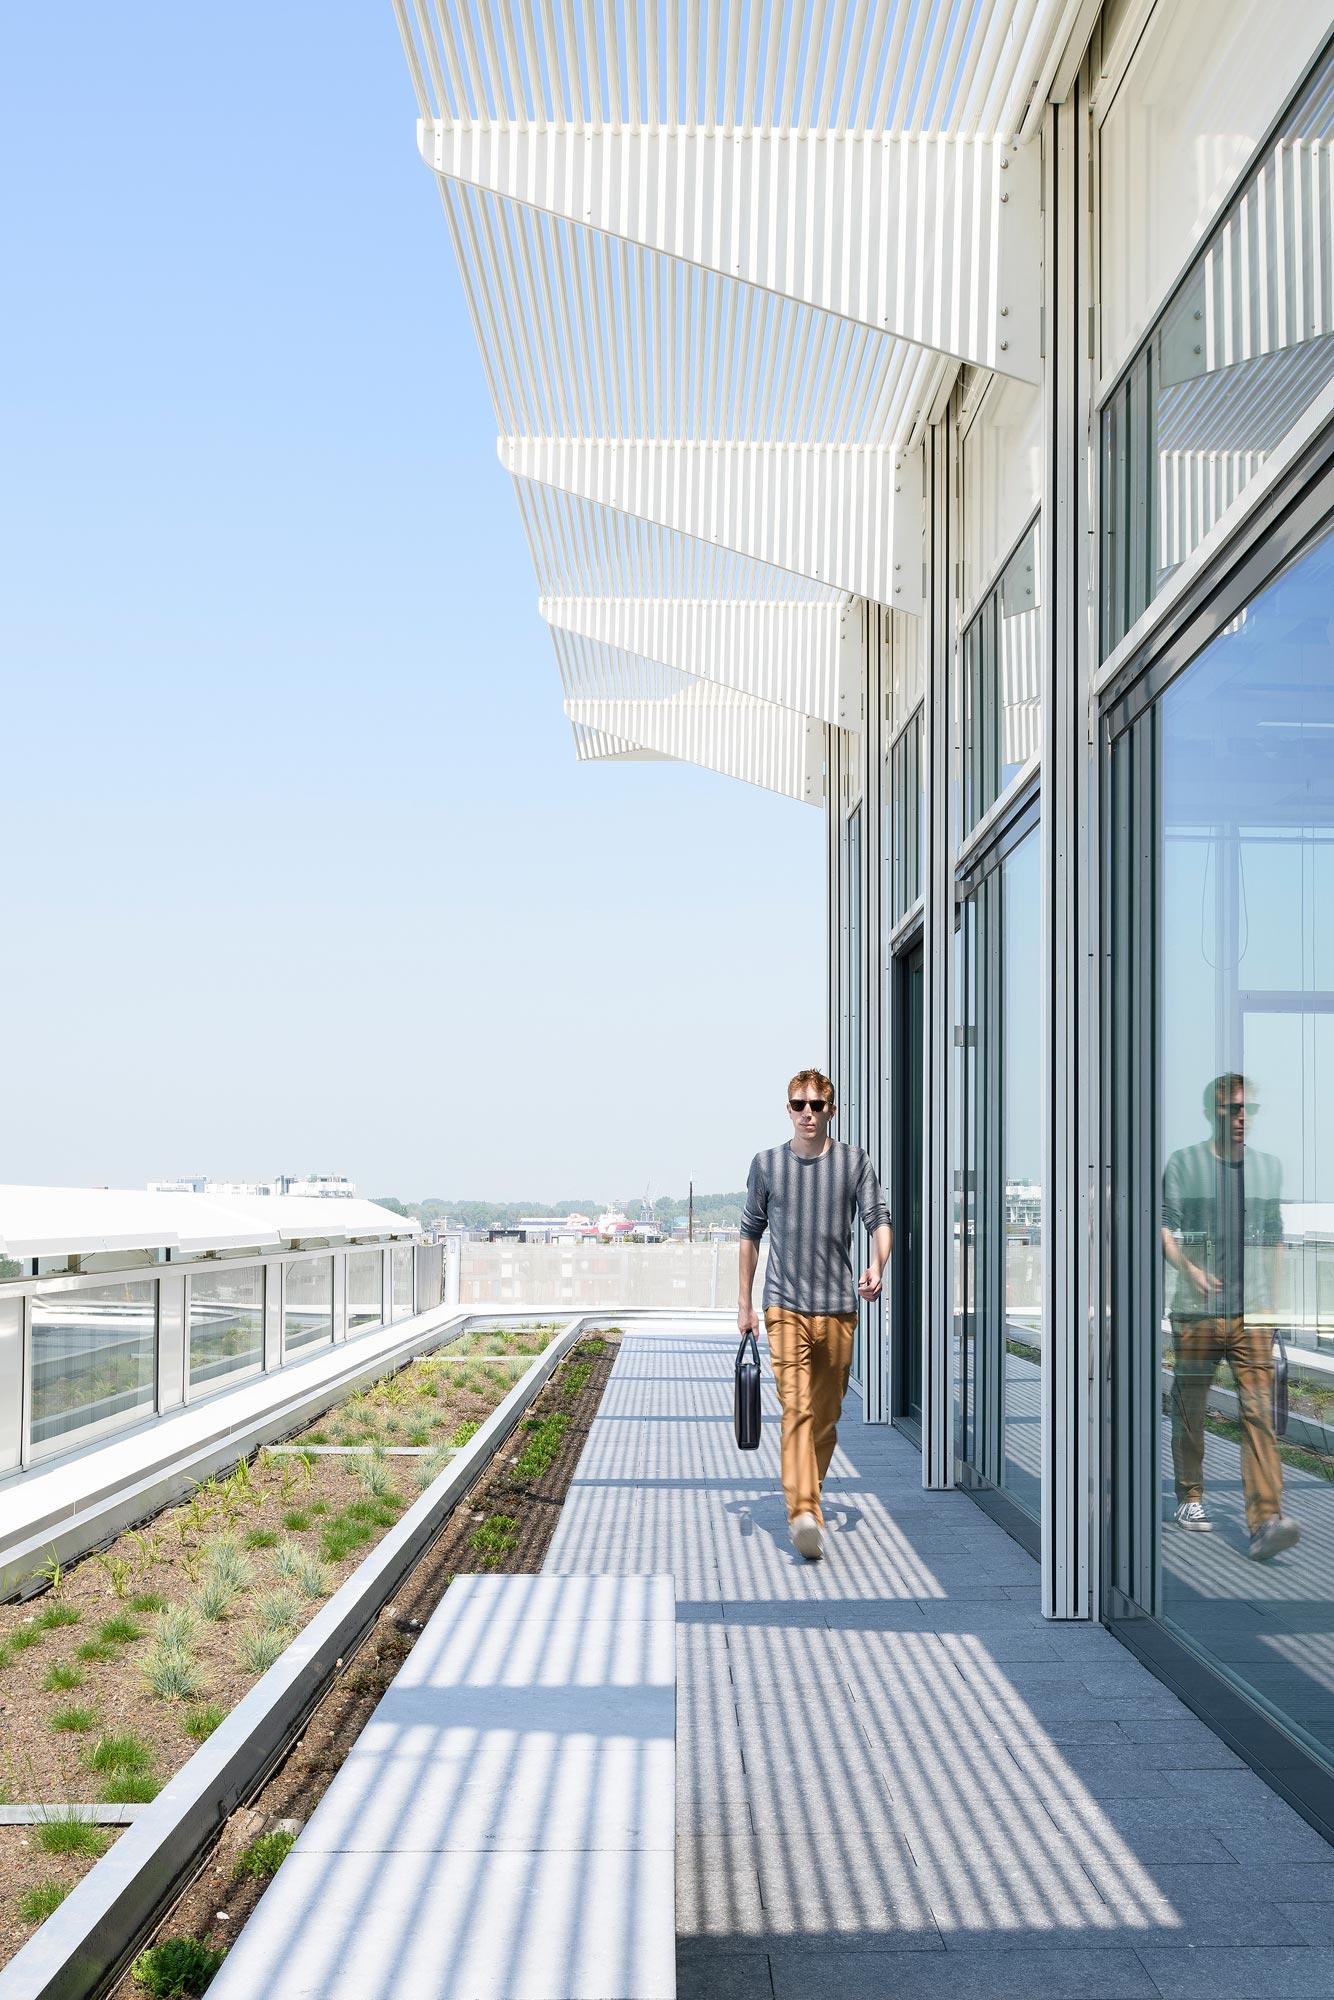 Amvest kantoor architectuur Amsterdam - Chiel de Nooyer, architectuurfotograaf